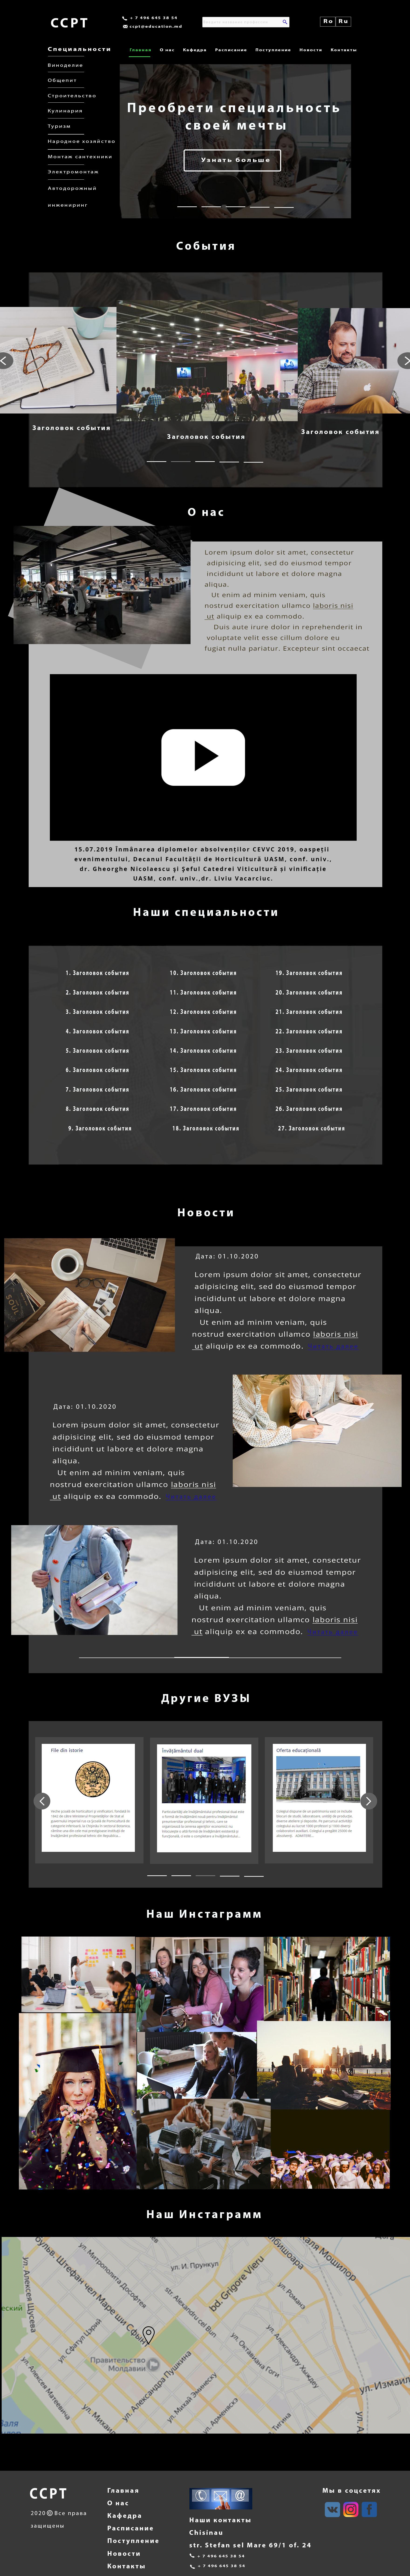 Разработка дизайна сайта колледжа фото f_7735e565f8388445.jpg